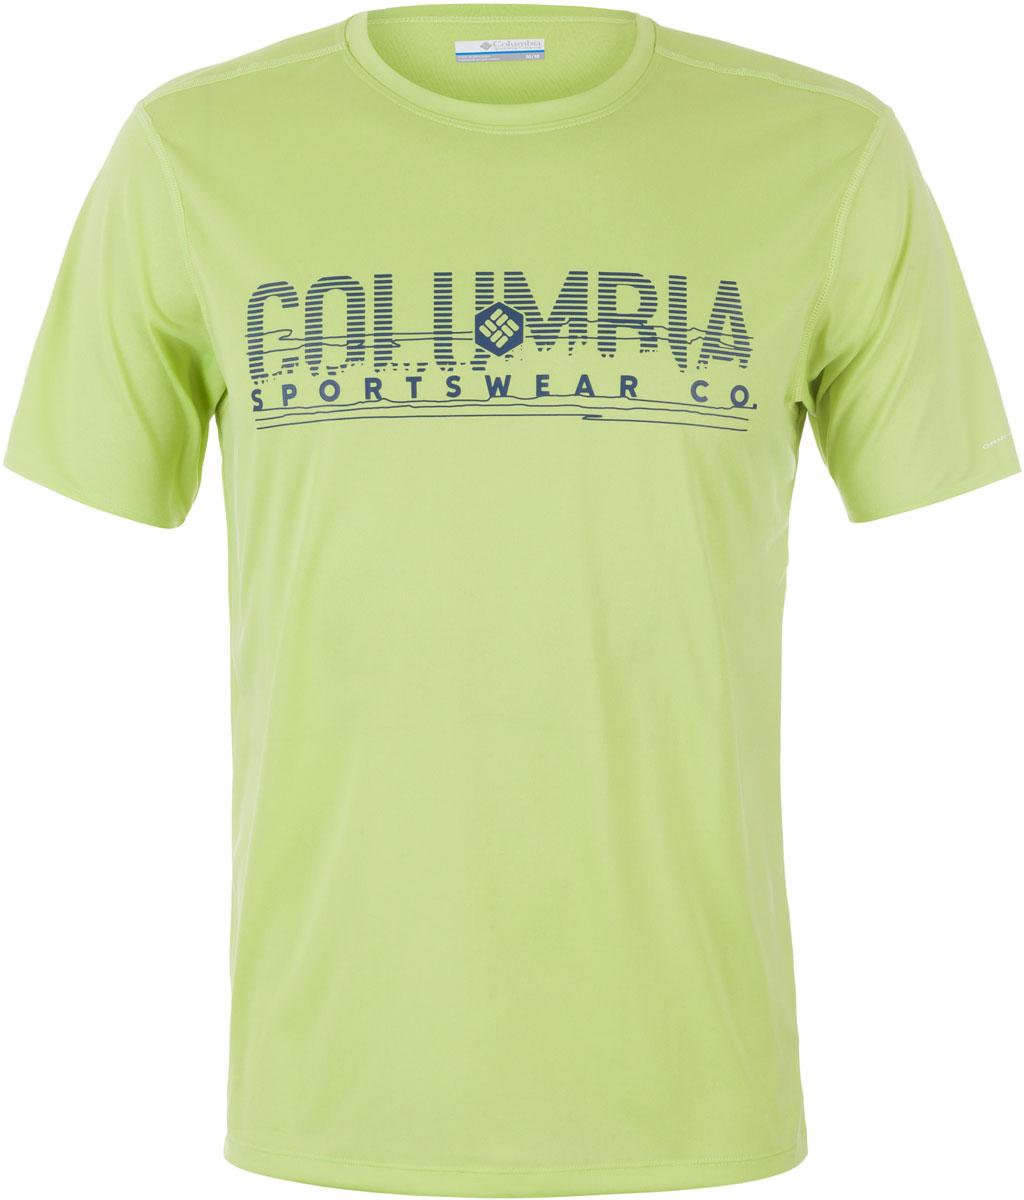 Футболка1711801-100Мужская футболка Columbia изготовлена из высококачественного быстросохнущего полиэстера. Футболка с круглым вырезом горловины и короткими рукавами незаменима для занятий спортом. Крупный принт на груди придает изделию оригинальность.